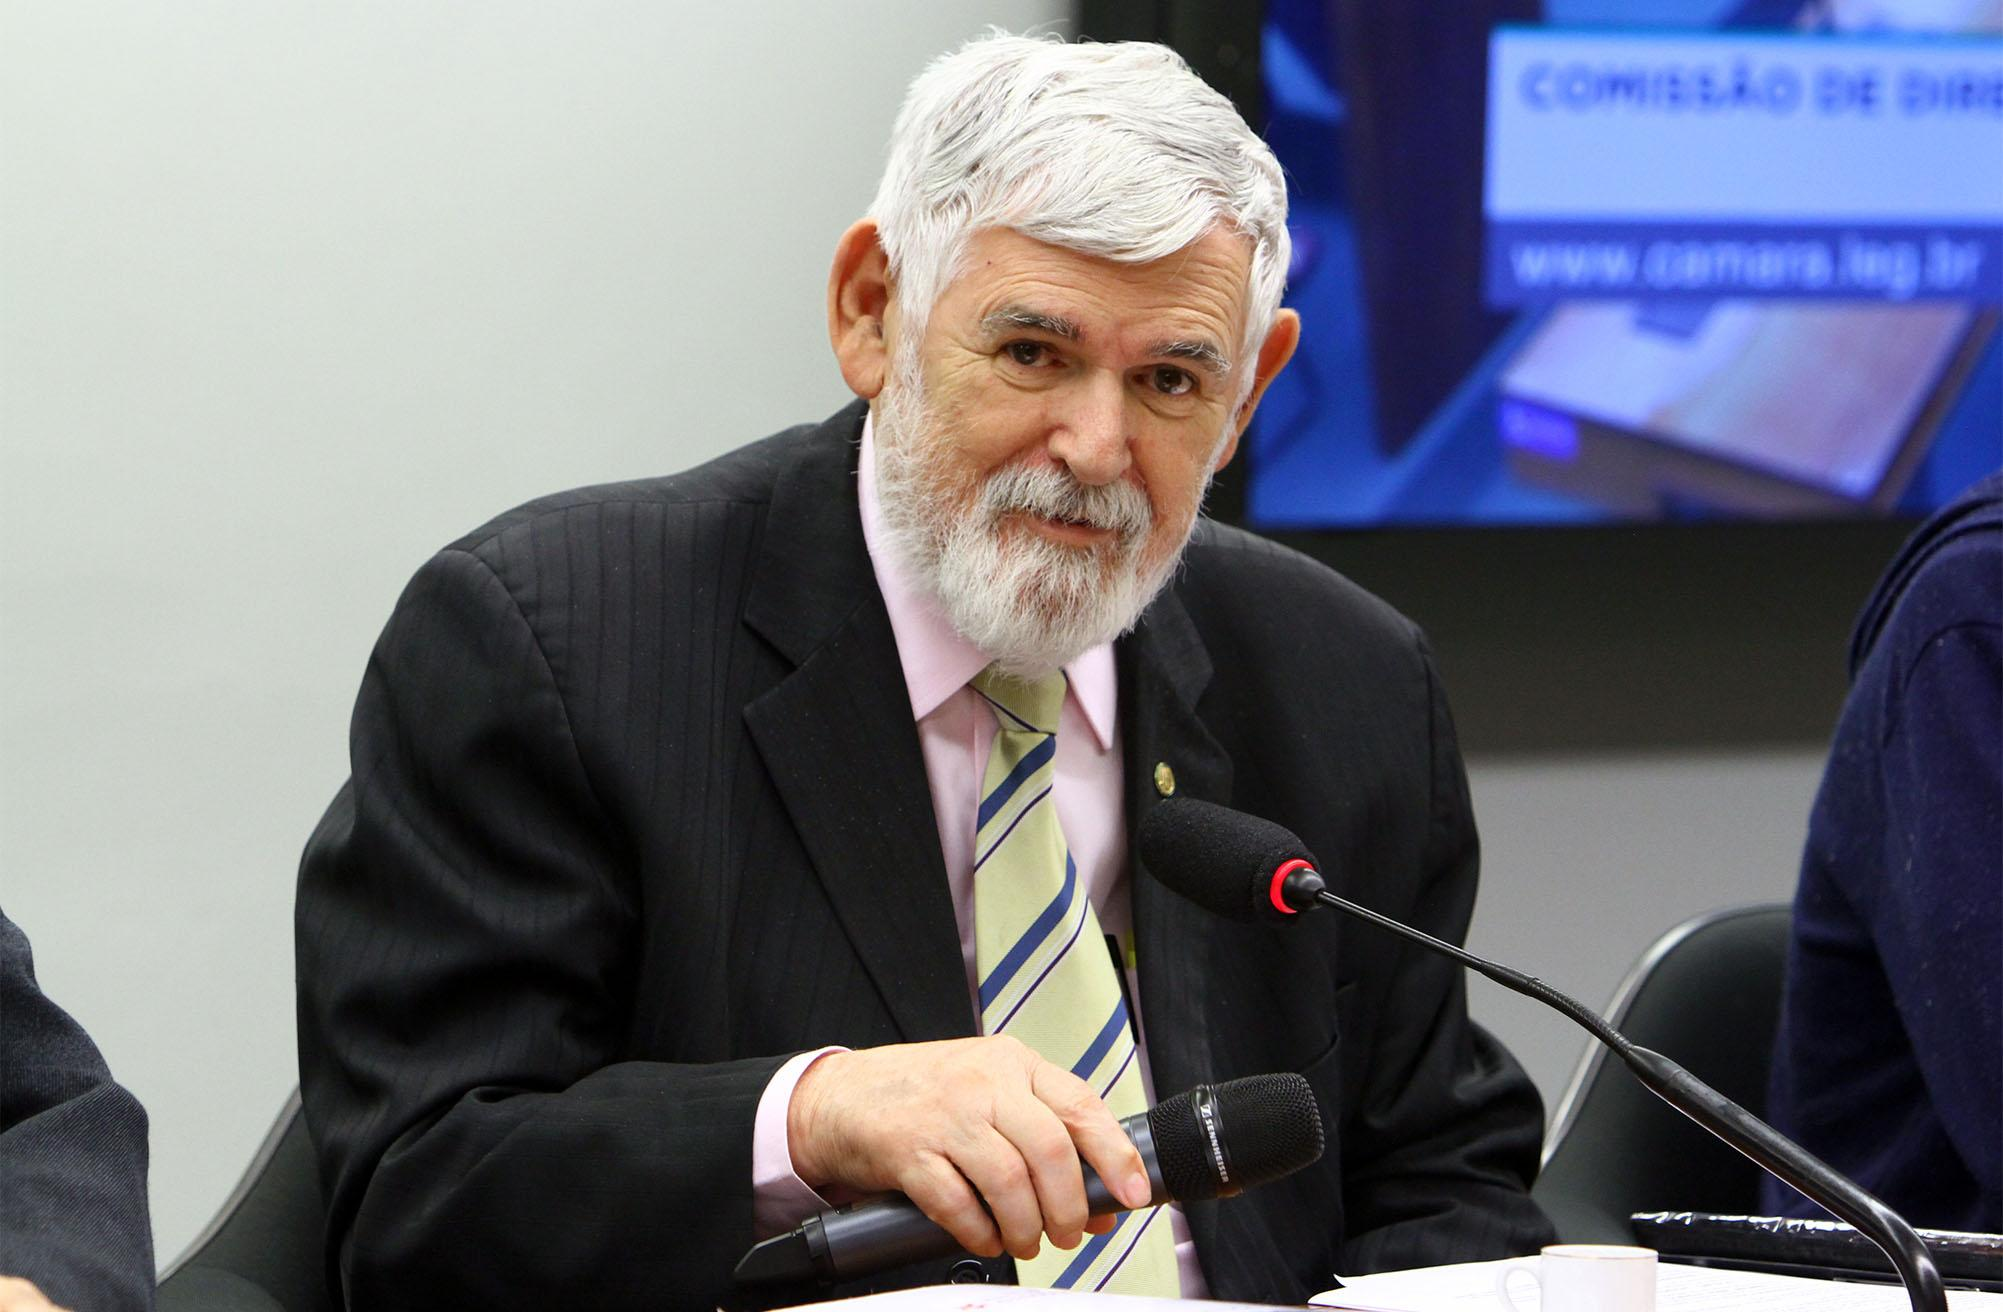 Audiência pública sobre políticas públicas para autistas no Brasil. Dep. Luiz Couto (PT - PB)